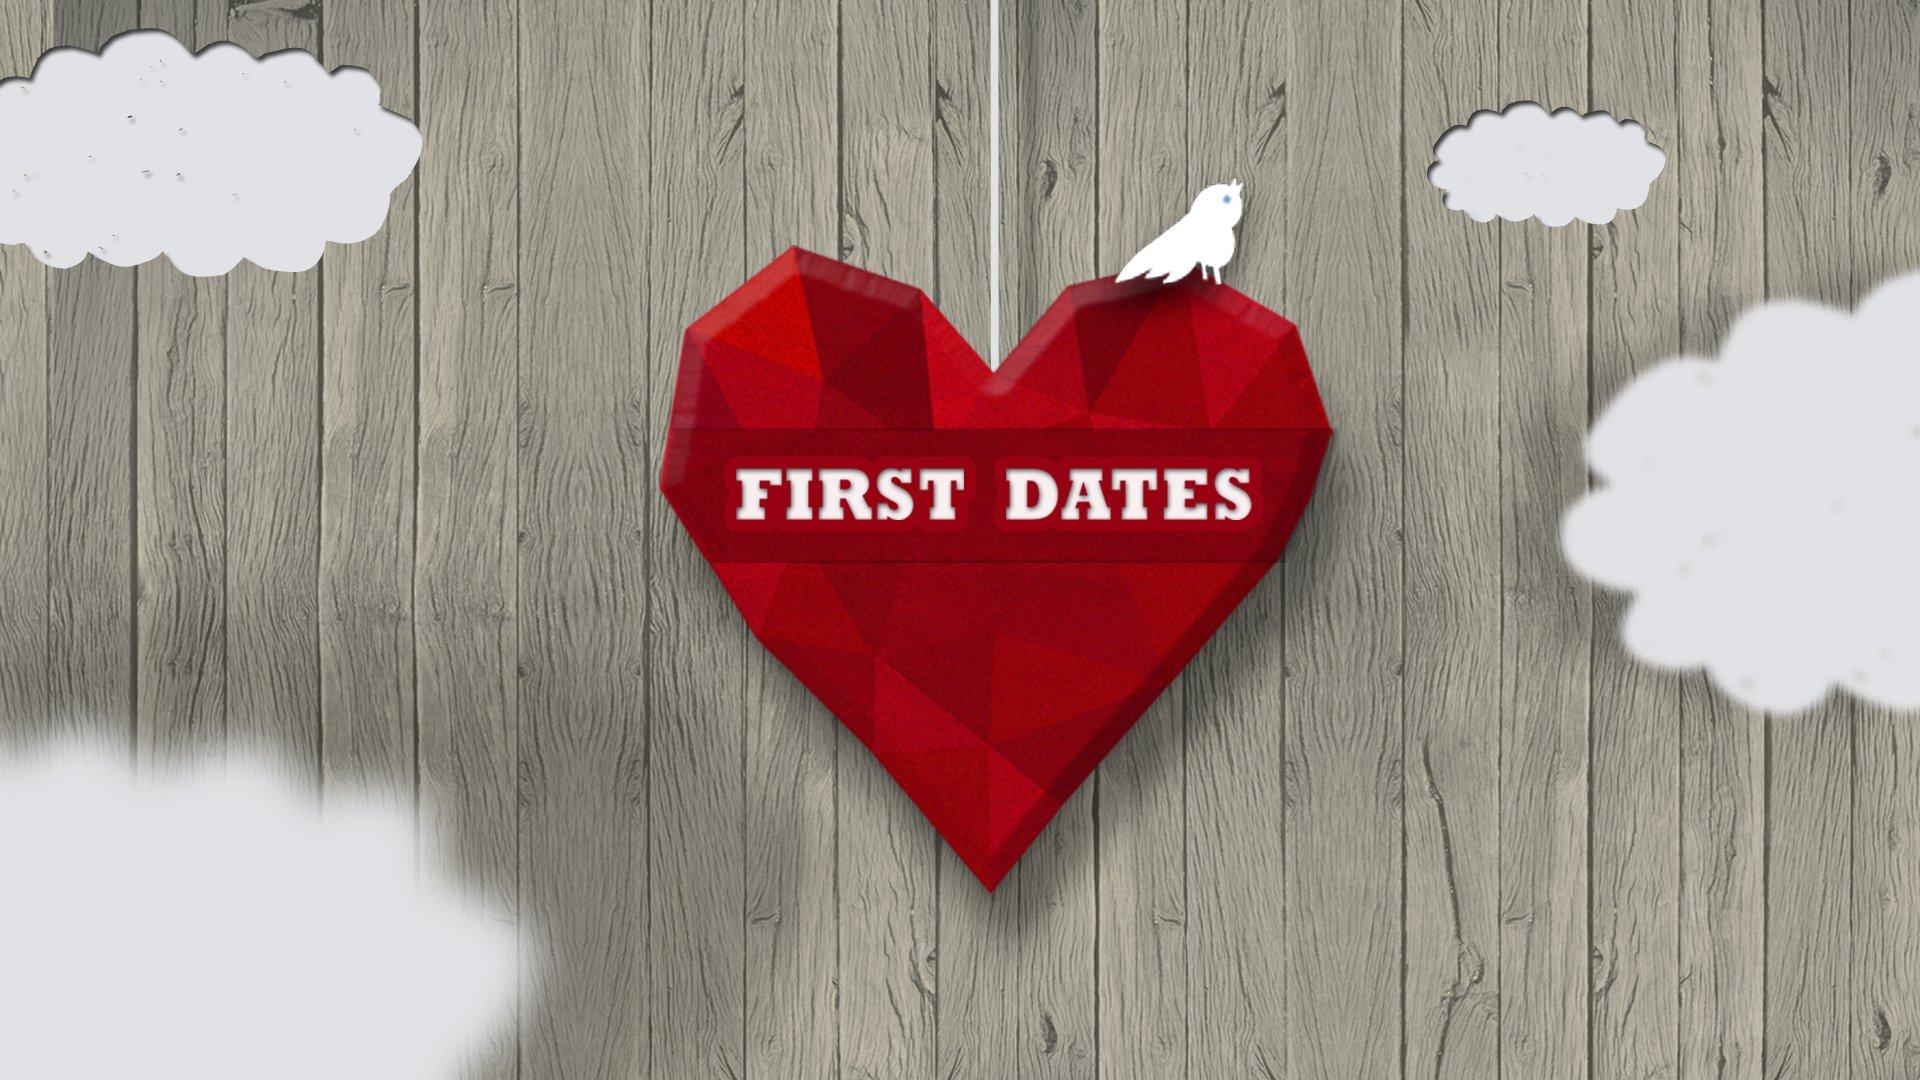 Ei poth jodi na sesh hoy 420 dating